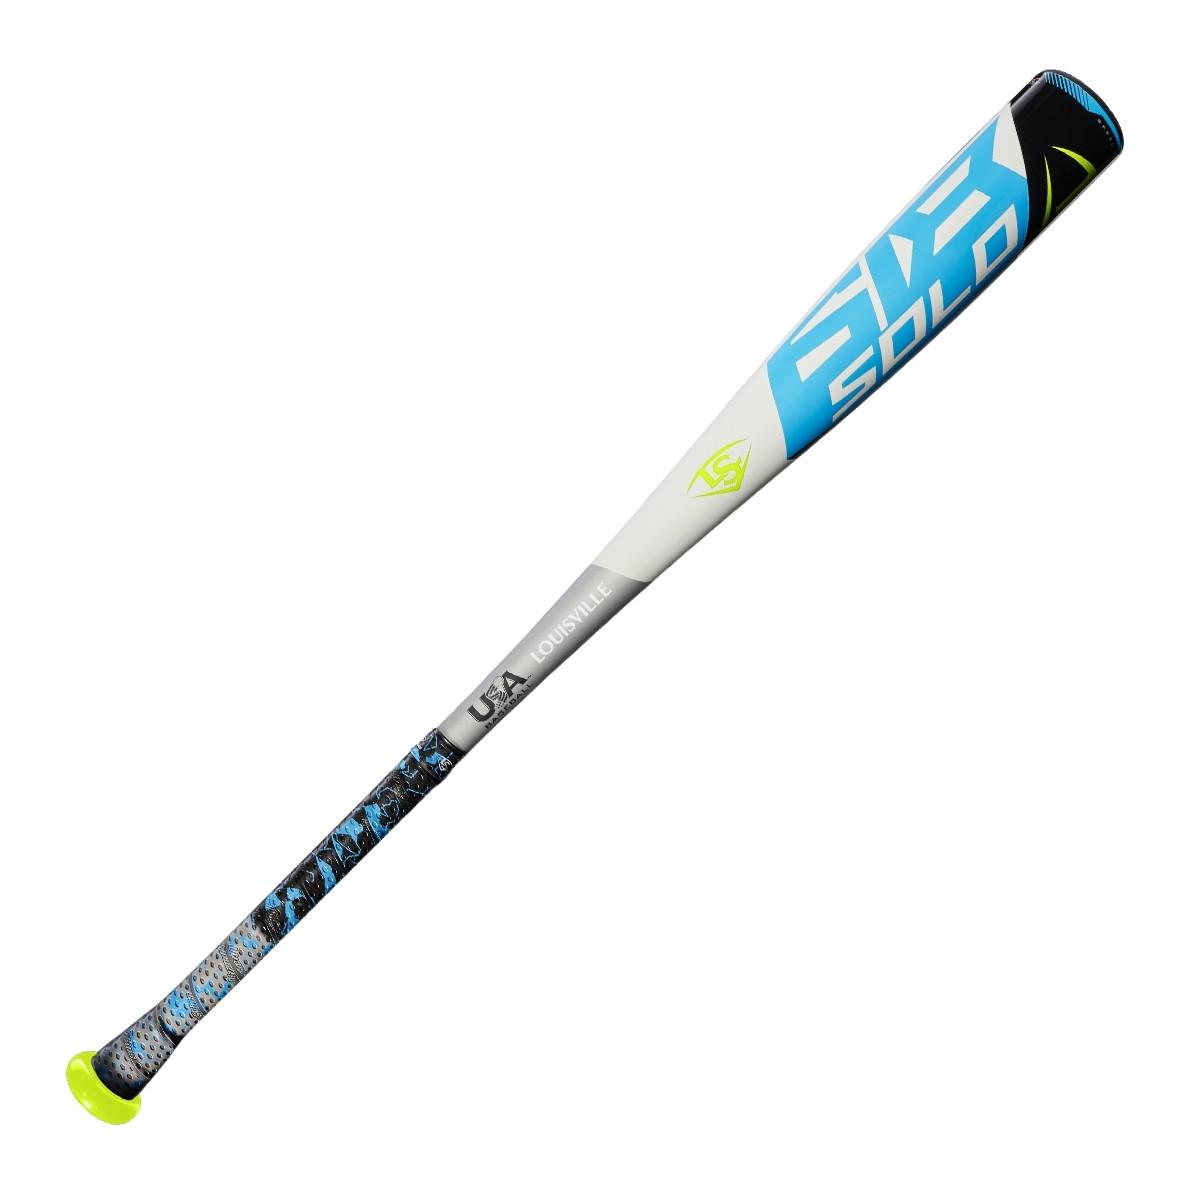 Louisville Slugger 2018 Solo 618 USA Baseball Bat (-11)